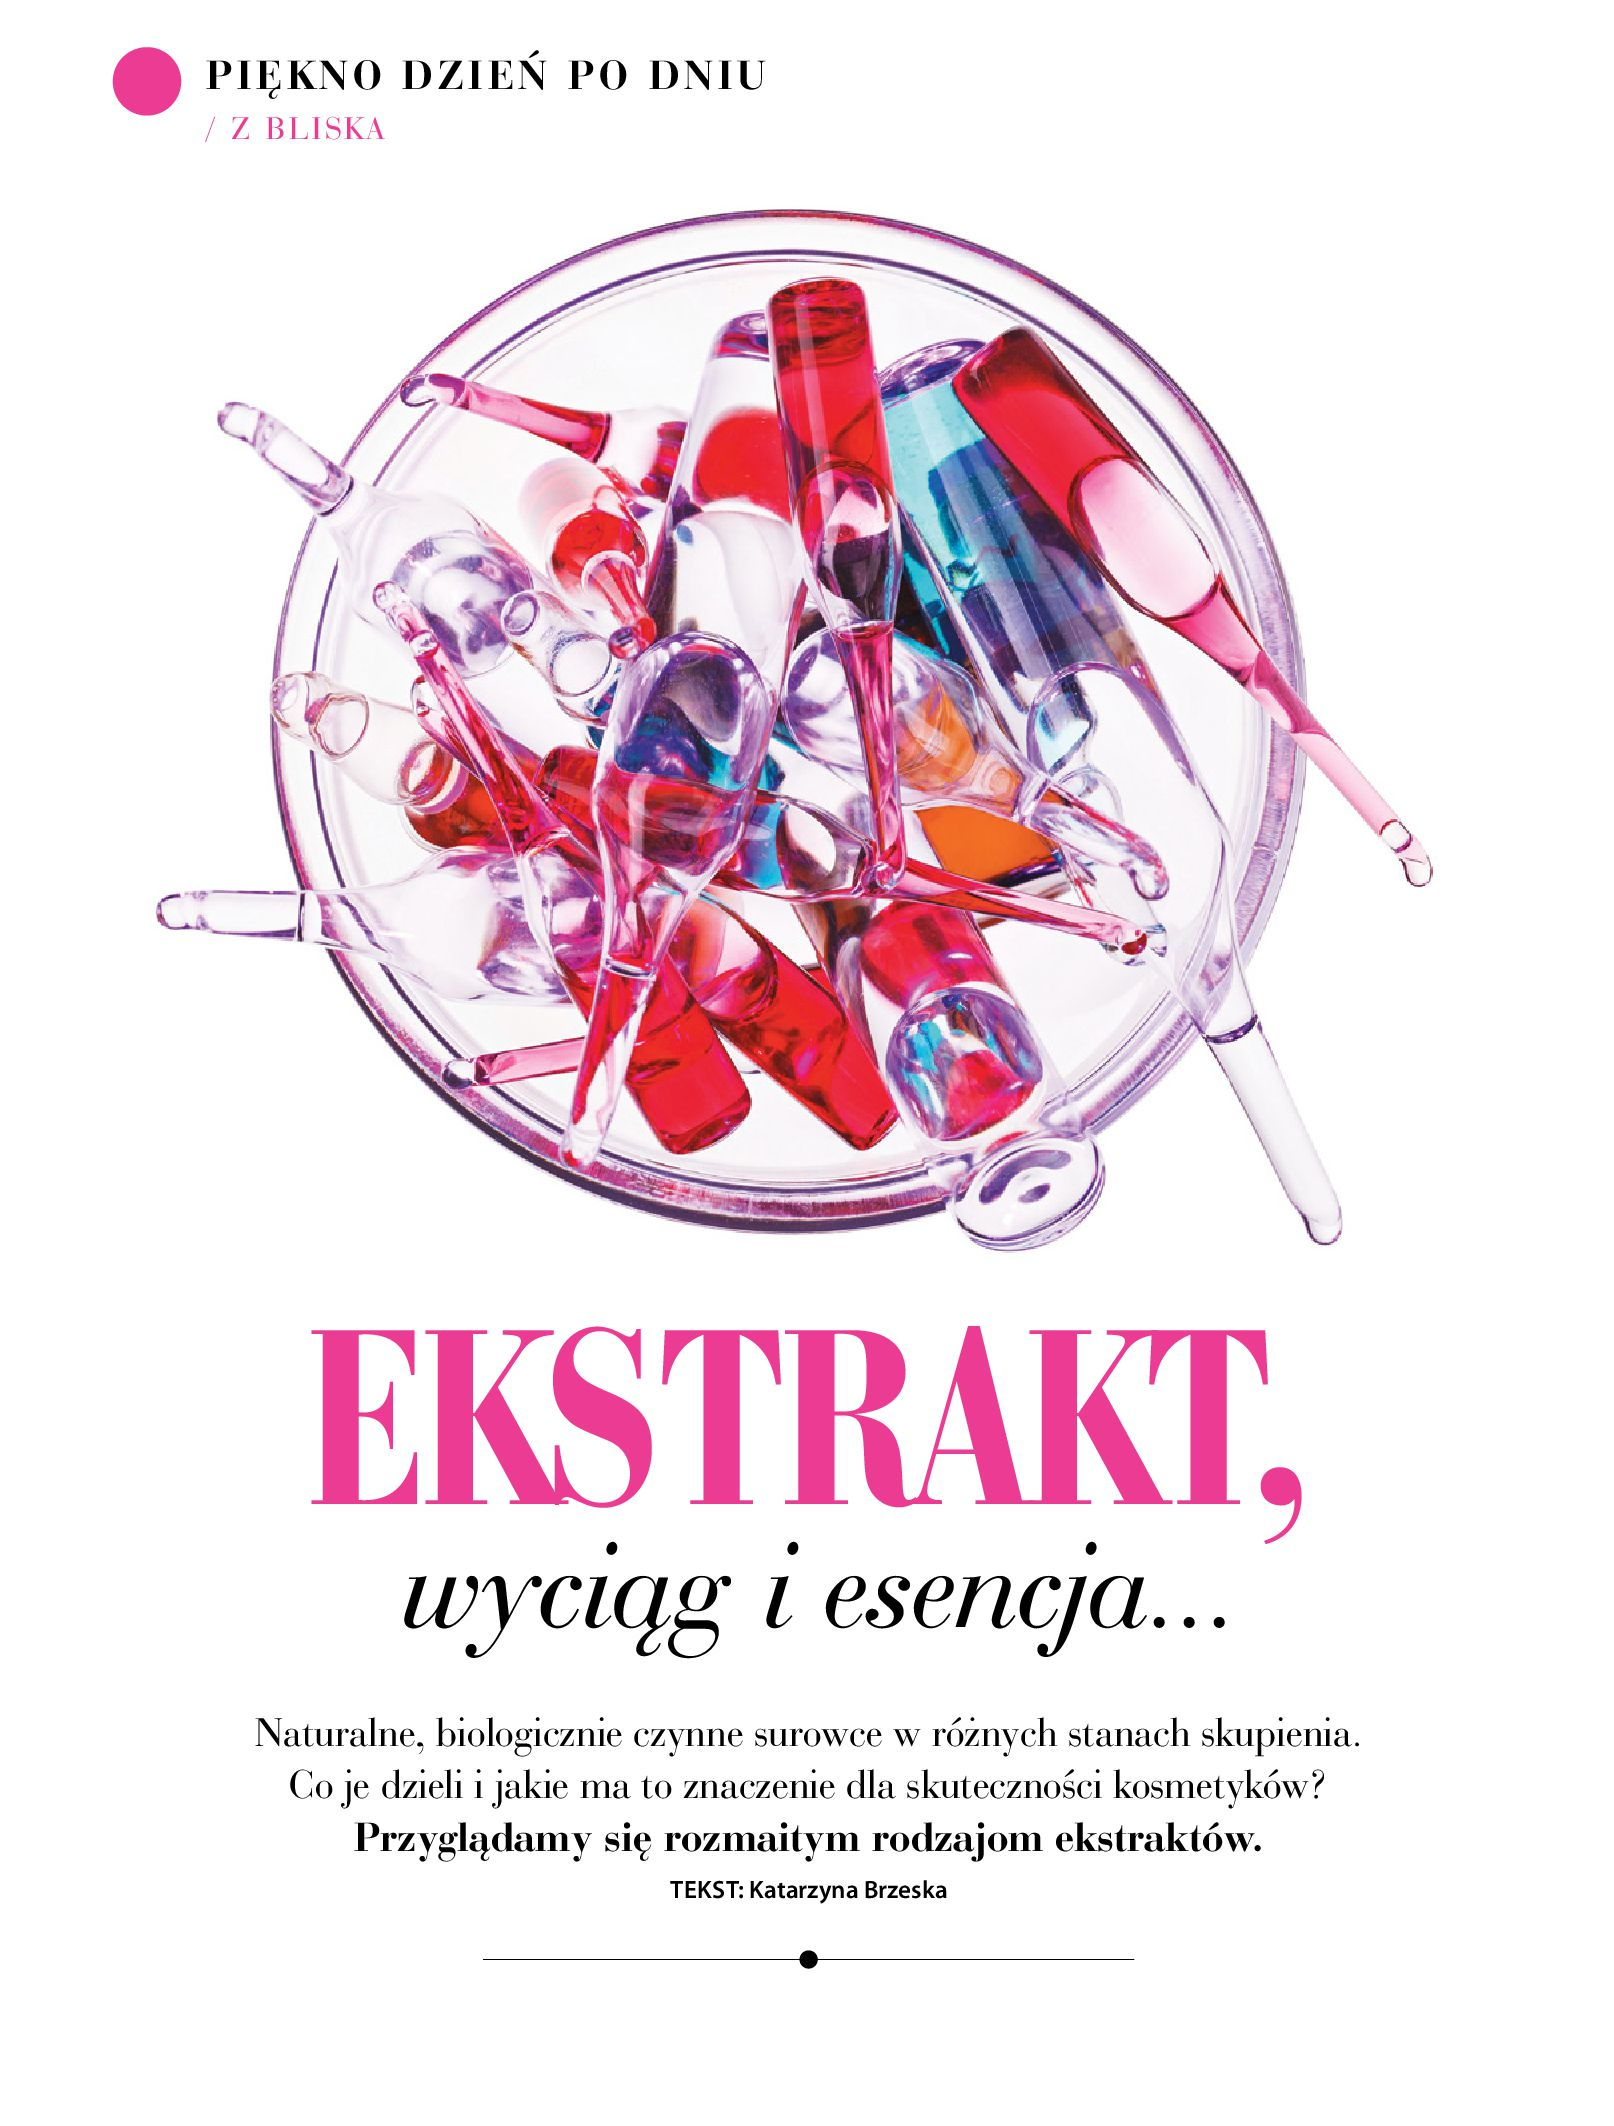 Gazetka hebe - Magazyn Hebe-30.06.2020-31.08.2020-page-24